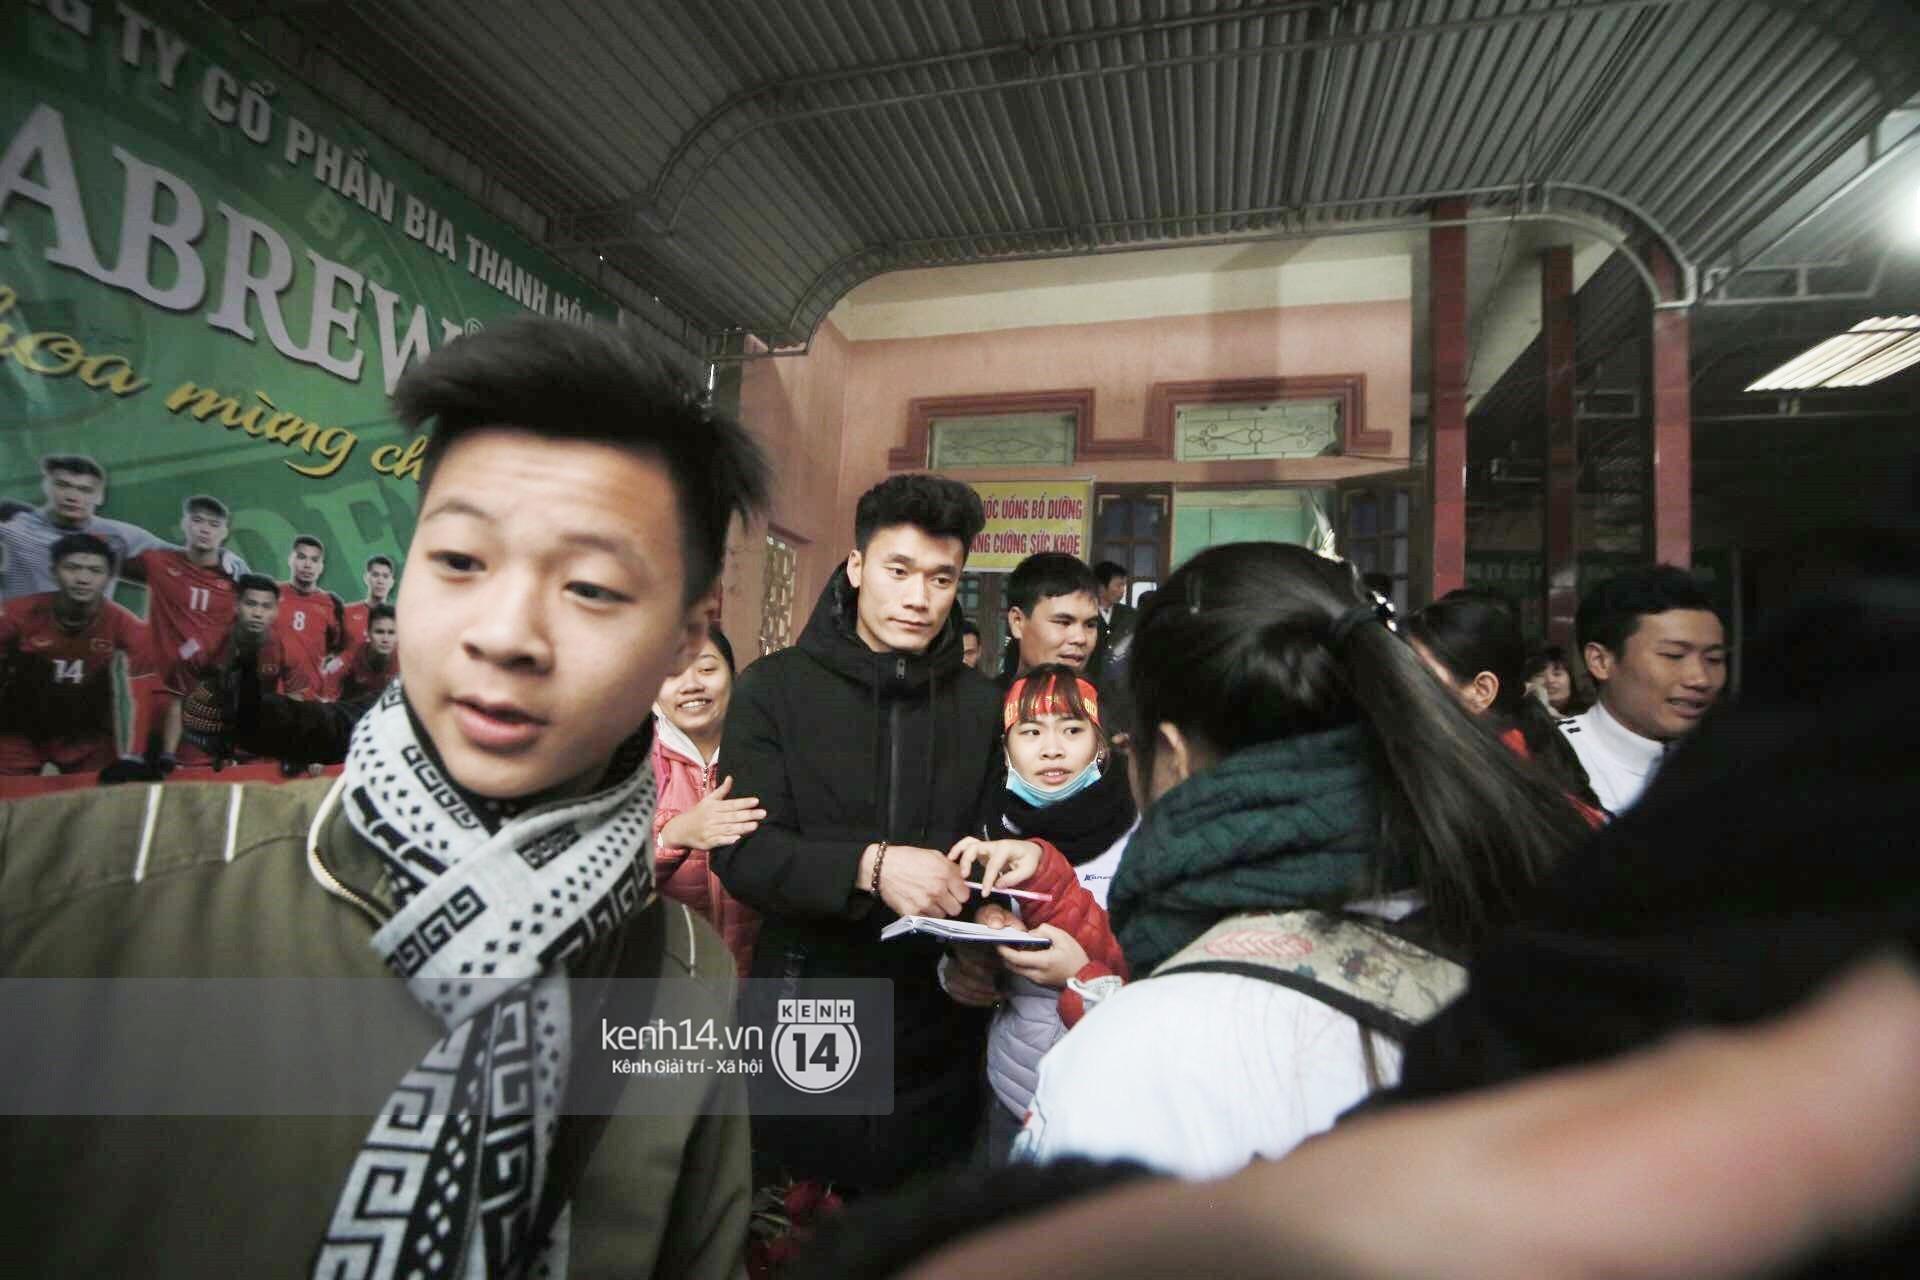 Chùm ảnh: Biết tin anh em Tiến Dũng đã về nhà, hàng trăm người hâm mộ Thanh Hóa đã kéo đến chúc mừng - Ảnh 8.